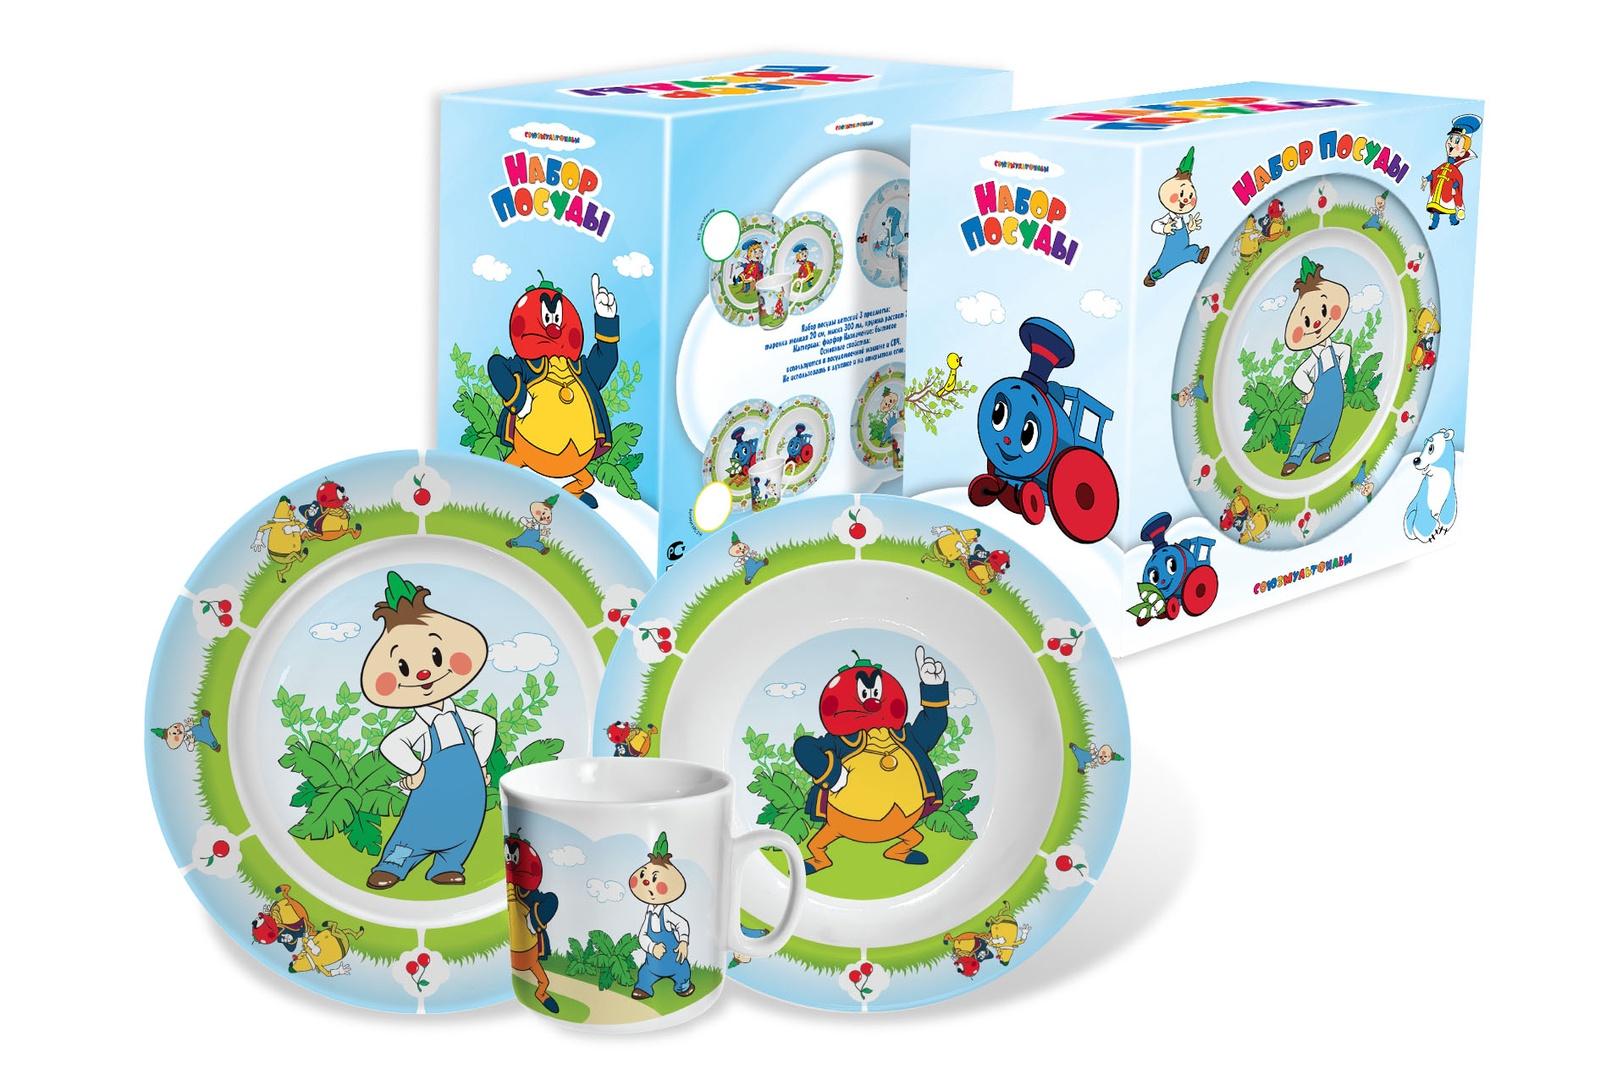 Набор детской посуды Priority / Союзмультфильм Чиполлино, фарфор набор карточек чиполлино из бергамо игра в литературных героев